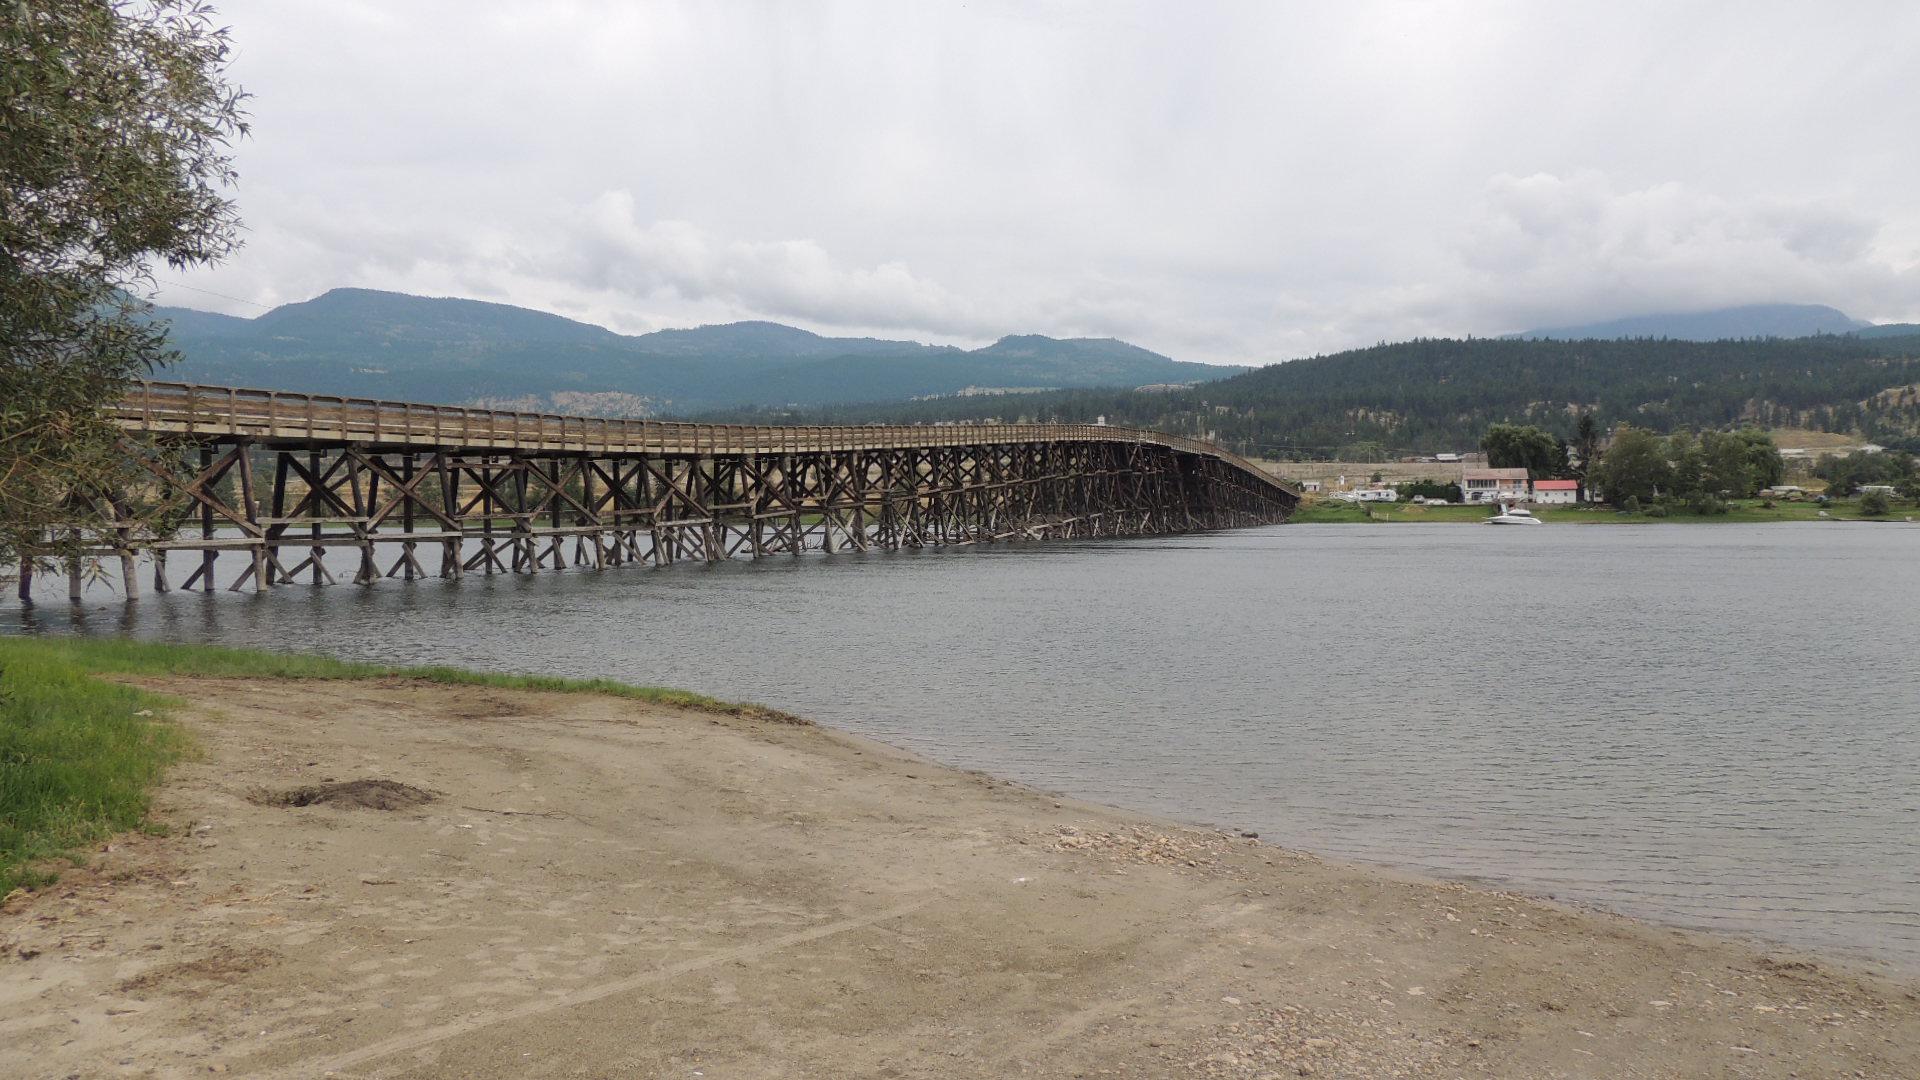 Ramp-Bridge